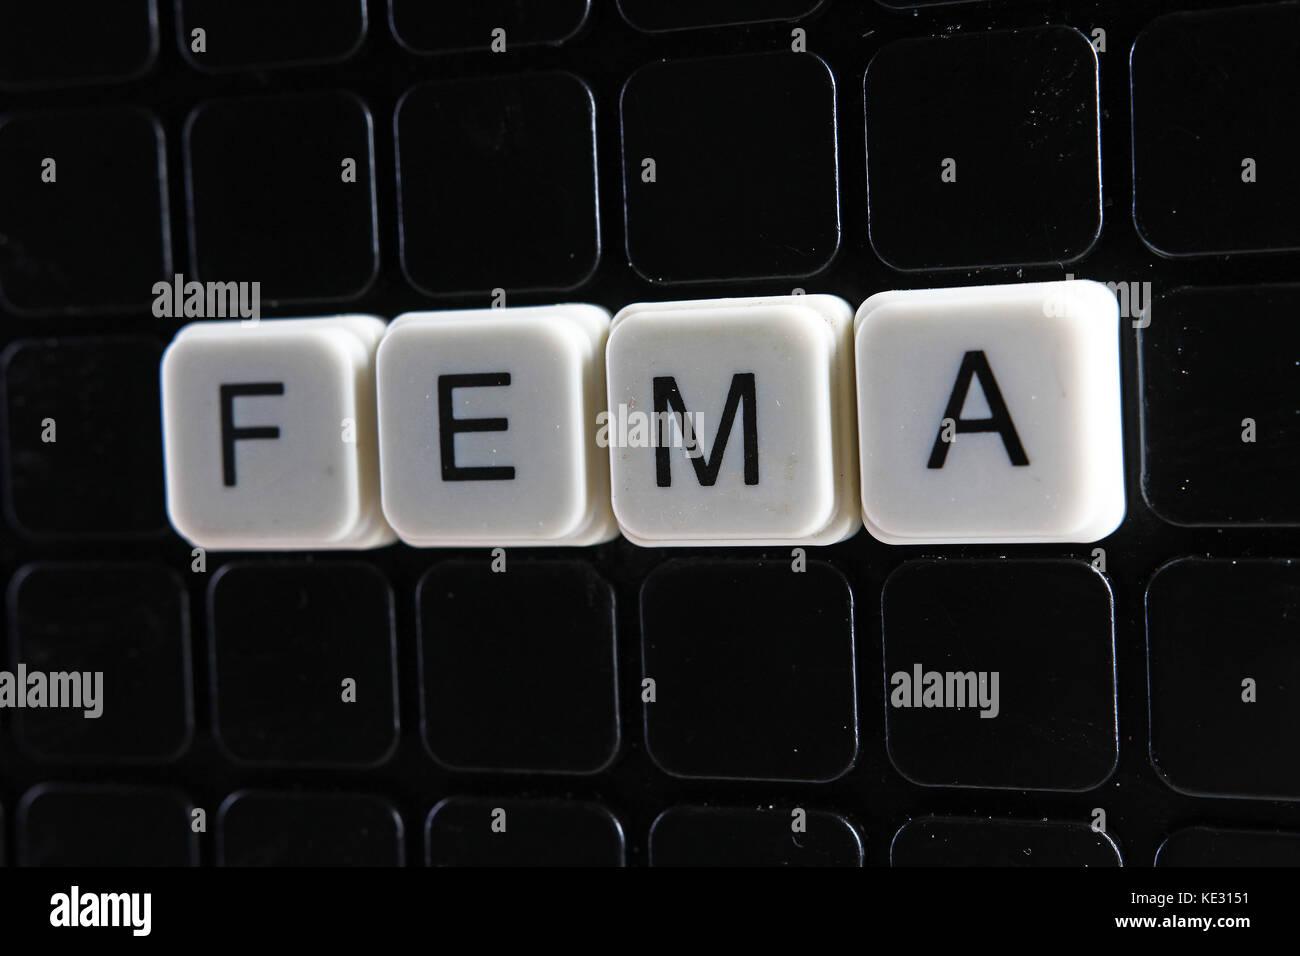 Fema text word photo illustration. - Stock Image